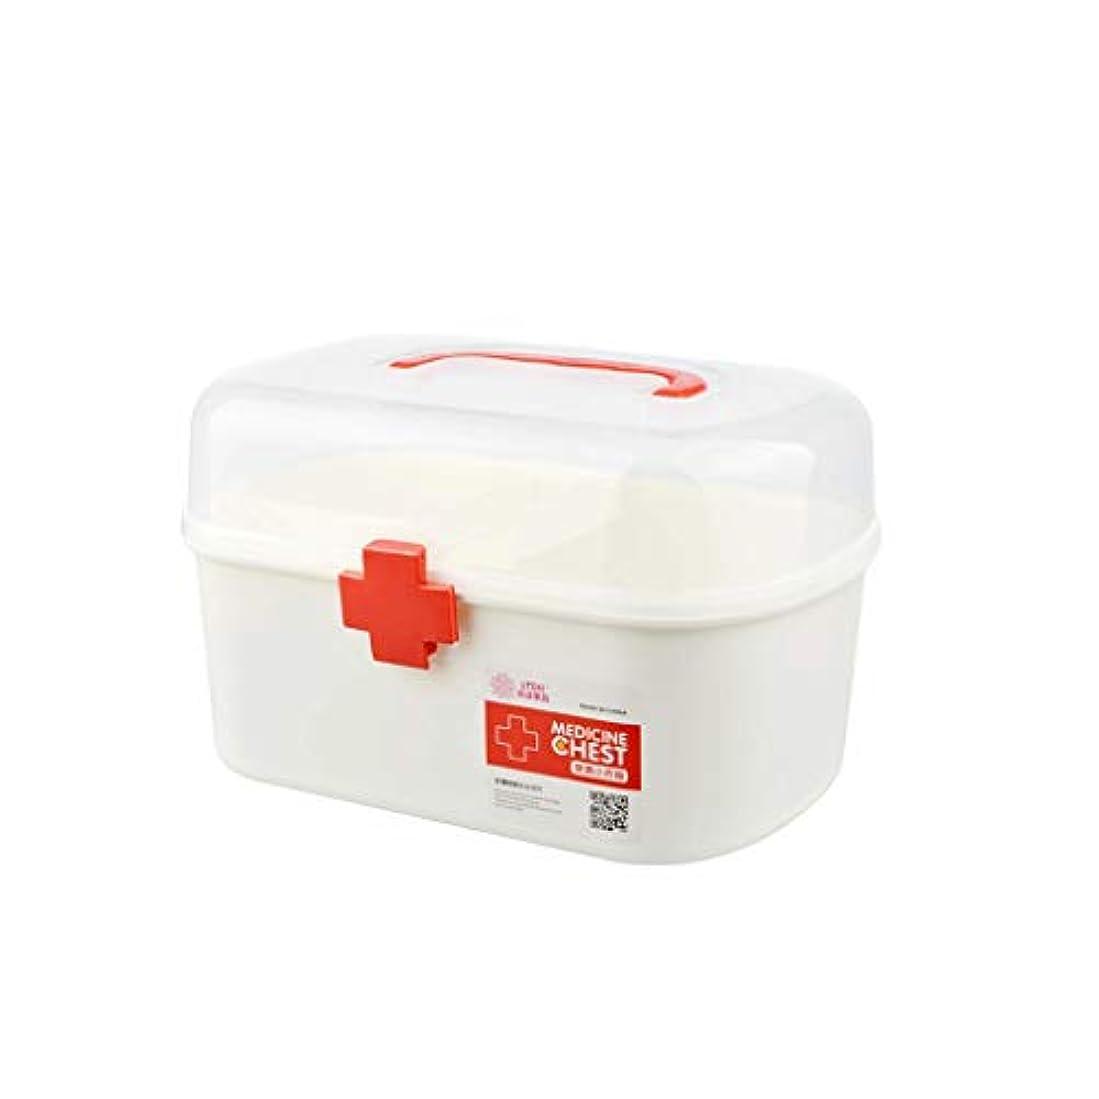 診療所日印象的IUYWL 家庭用薬箱、プラスチック製の薬箱、携帯用救急箱 (Size : 21cm×15.5cm)